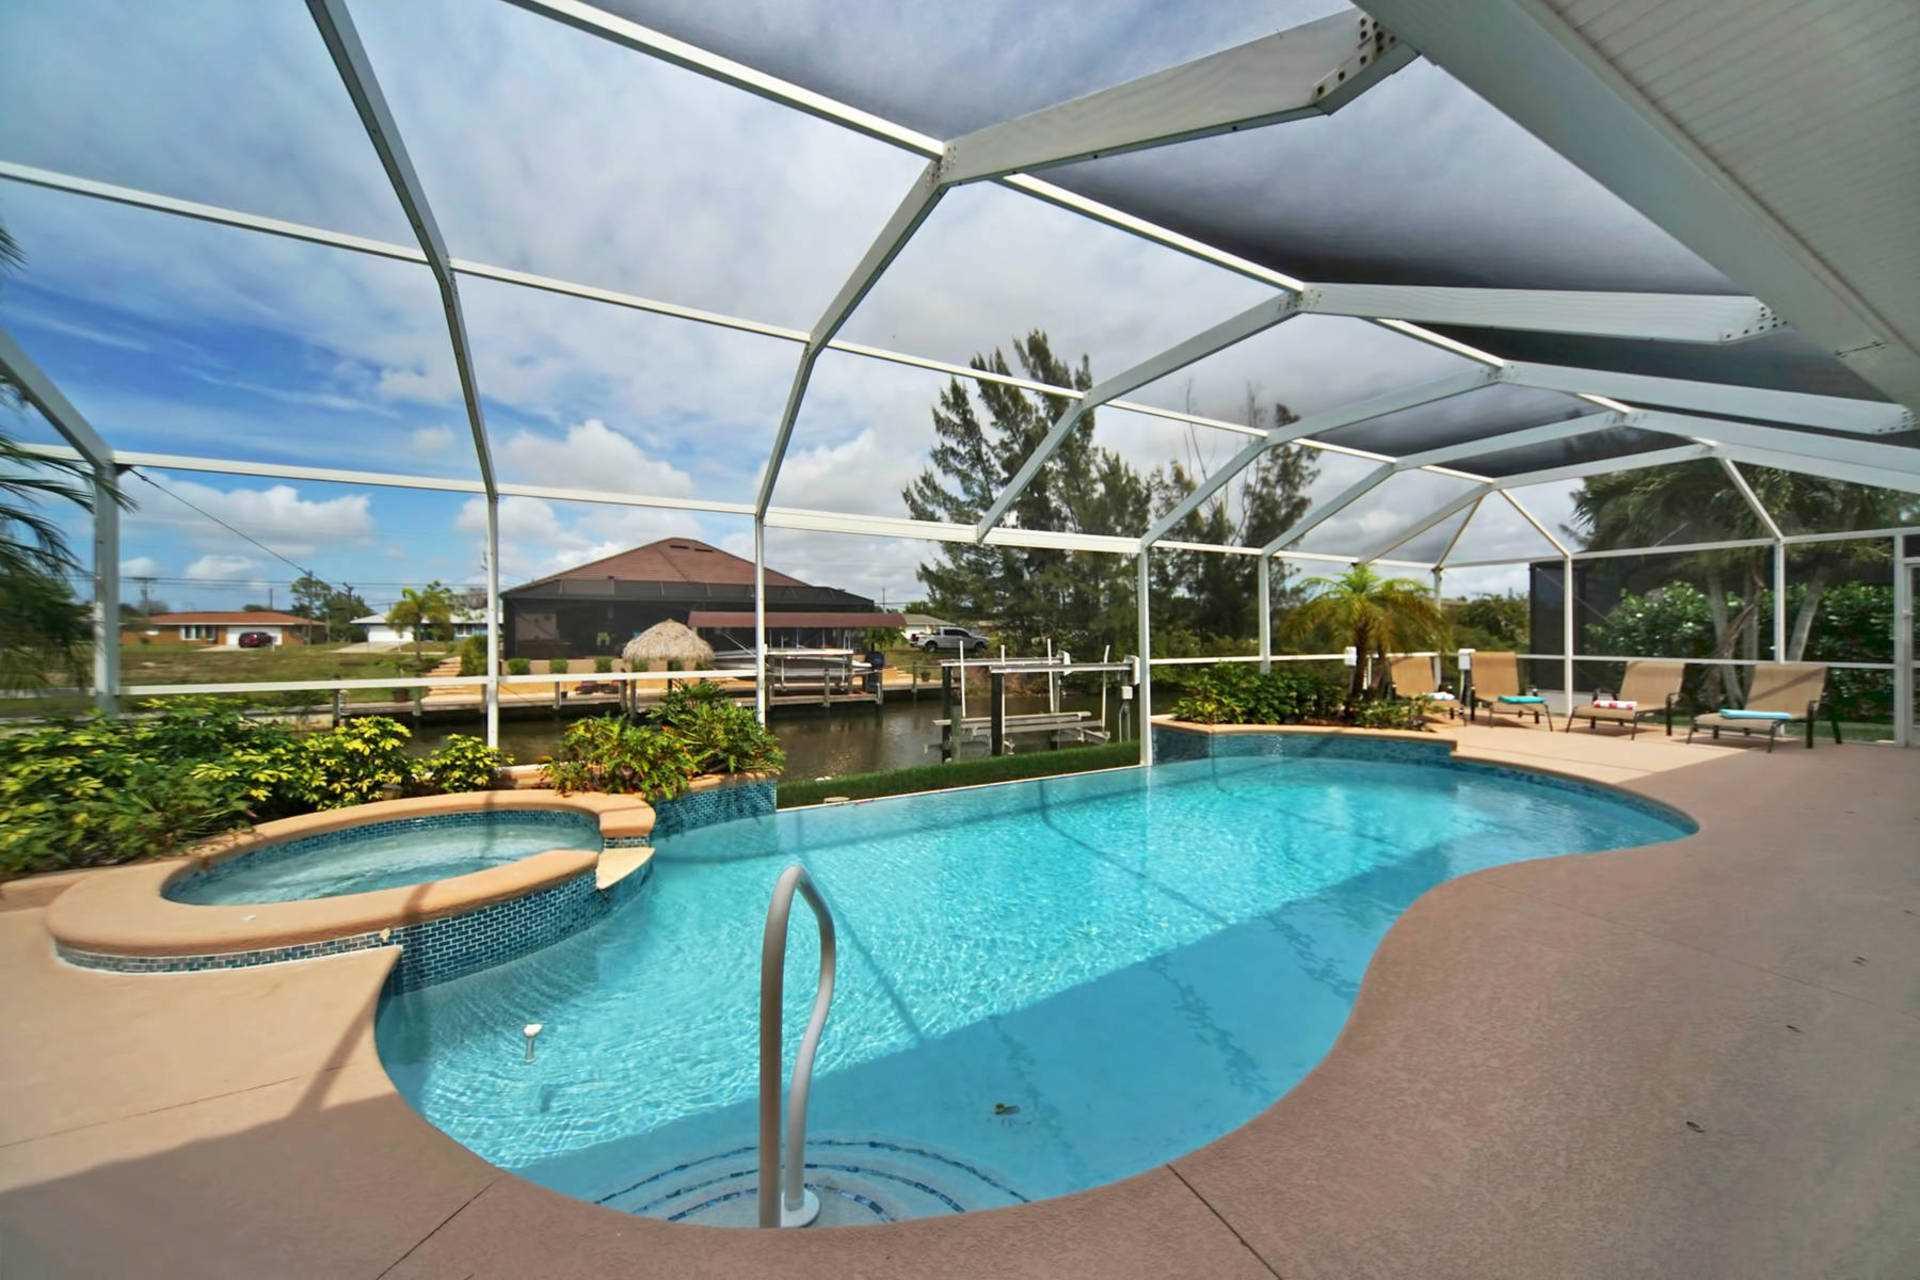 Amerikanischer Kühlschrank Expert : Villa cape coral 13127 u2013 großes pooldeck mit infinity pool und